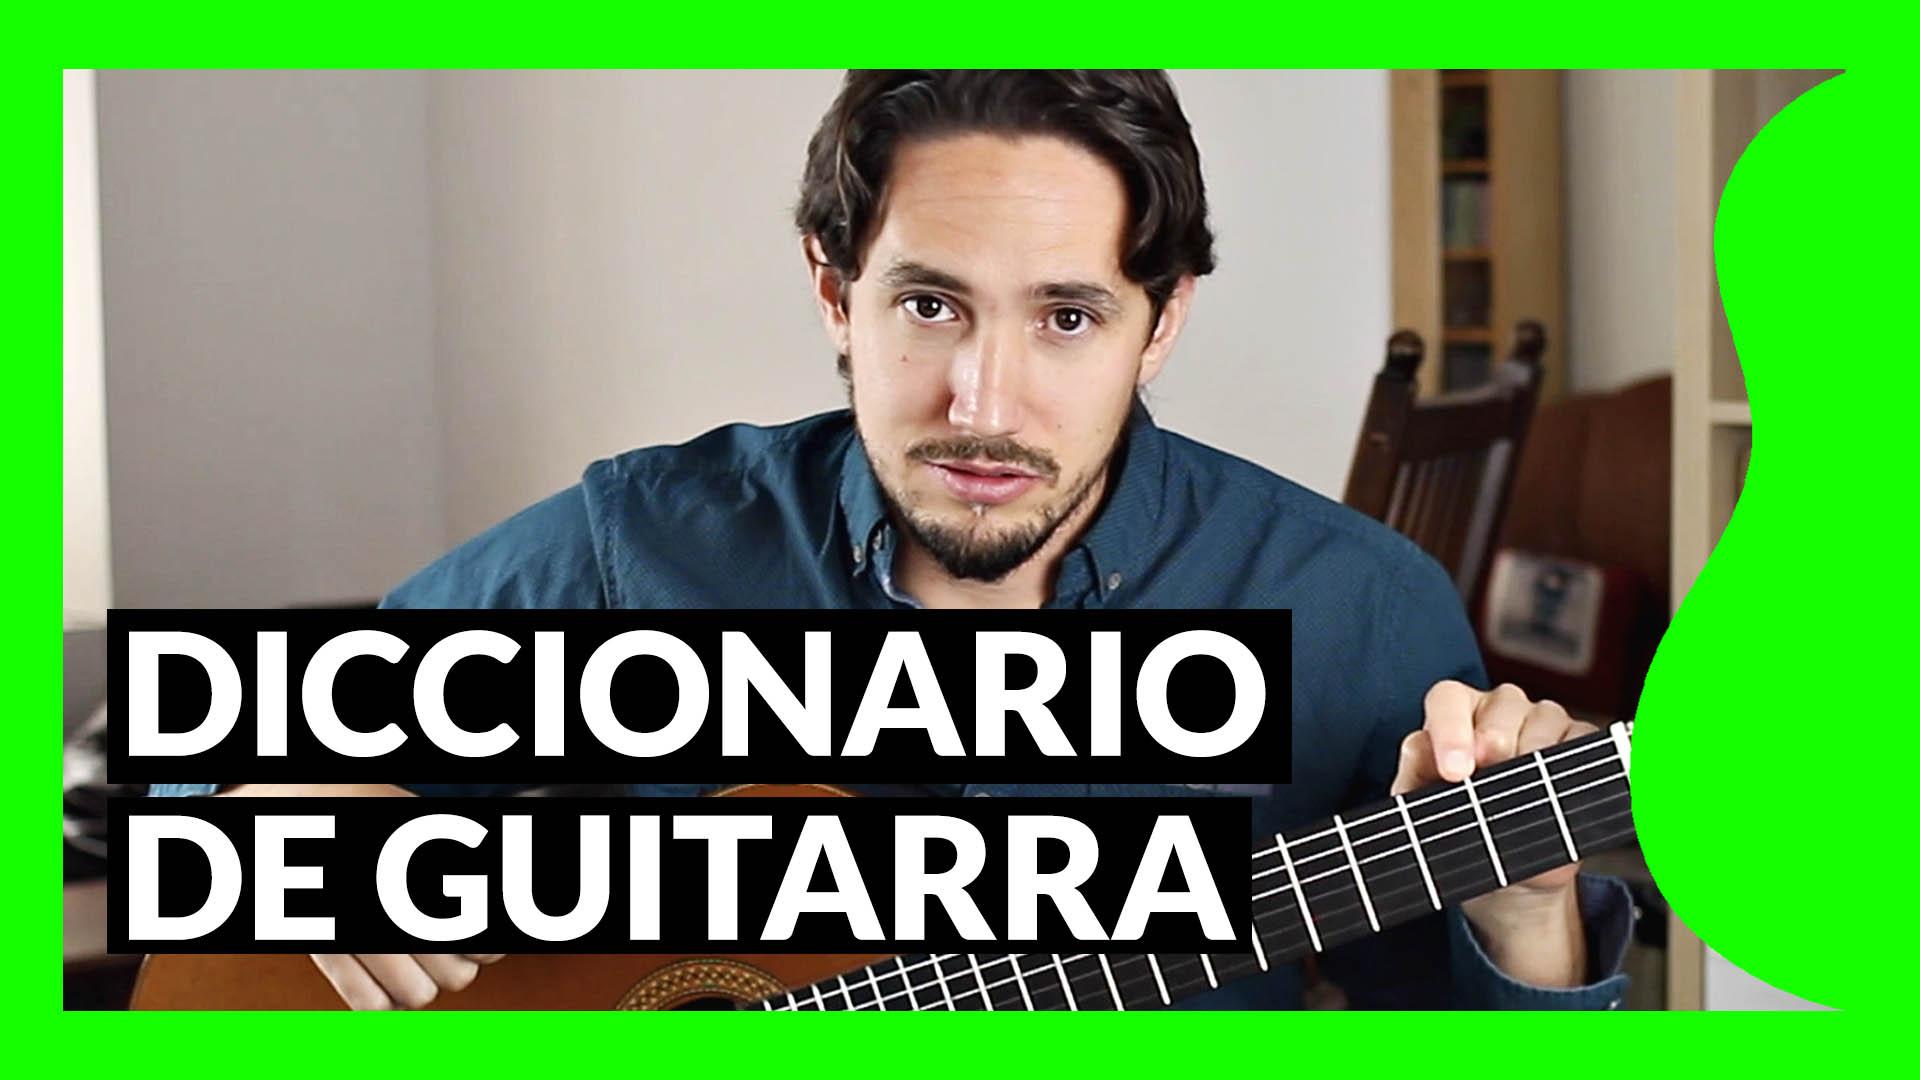 Diccionario de guitarra en el blog de Pablo Romero Luis